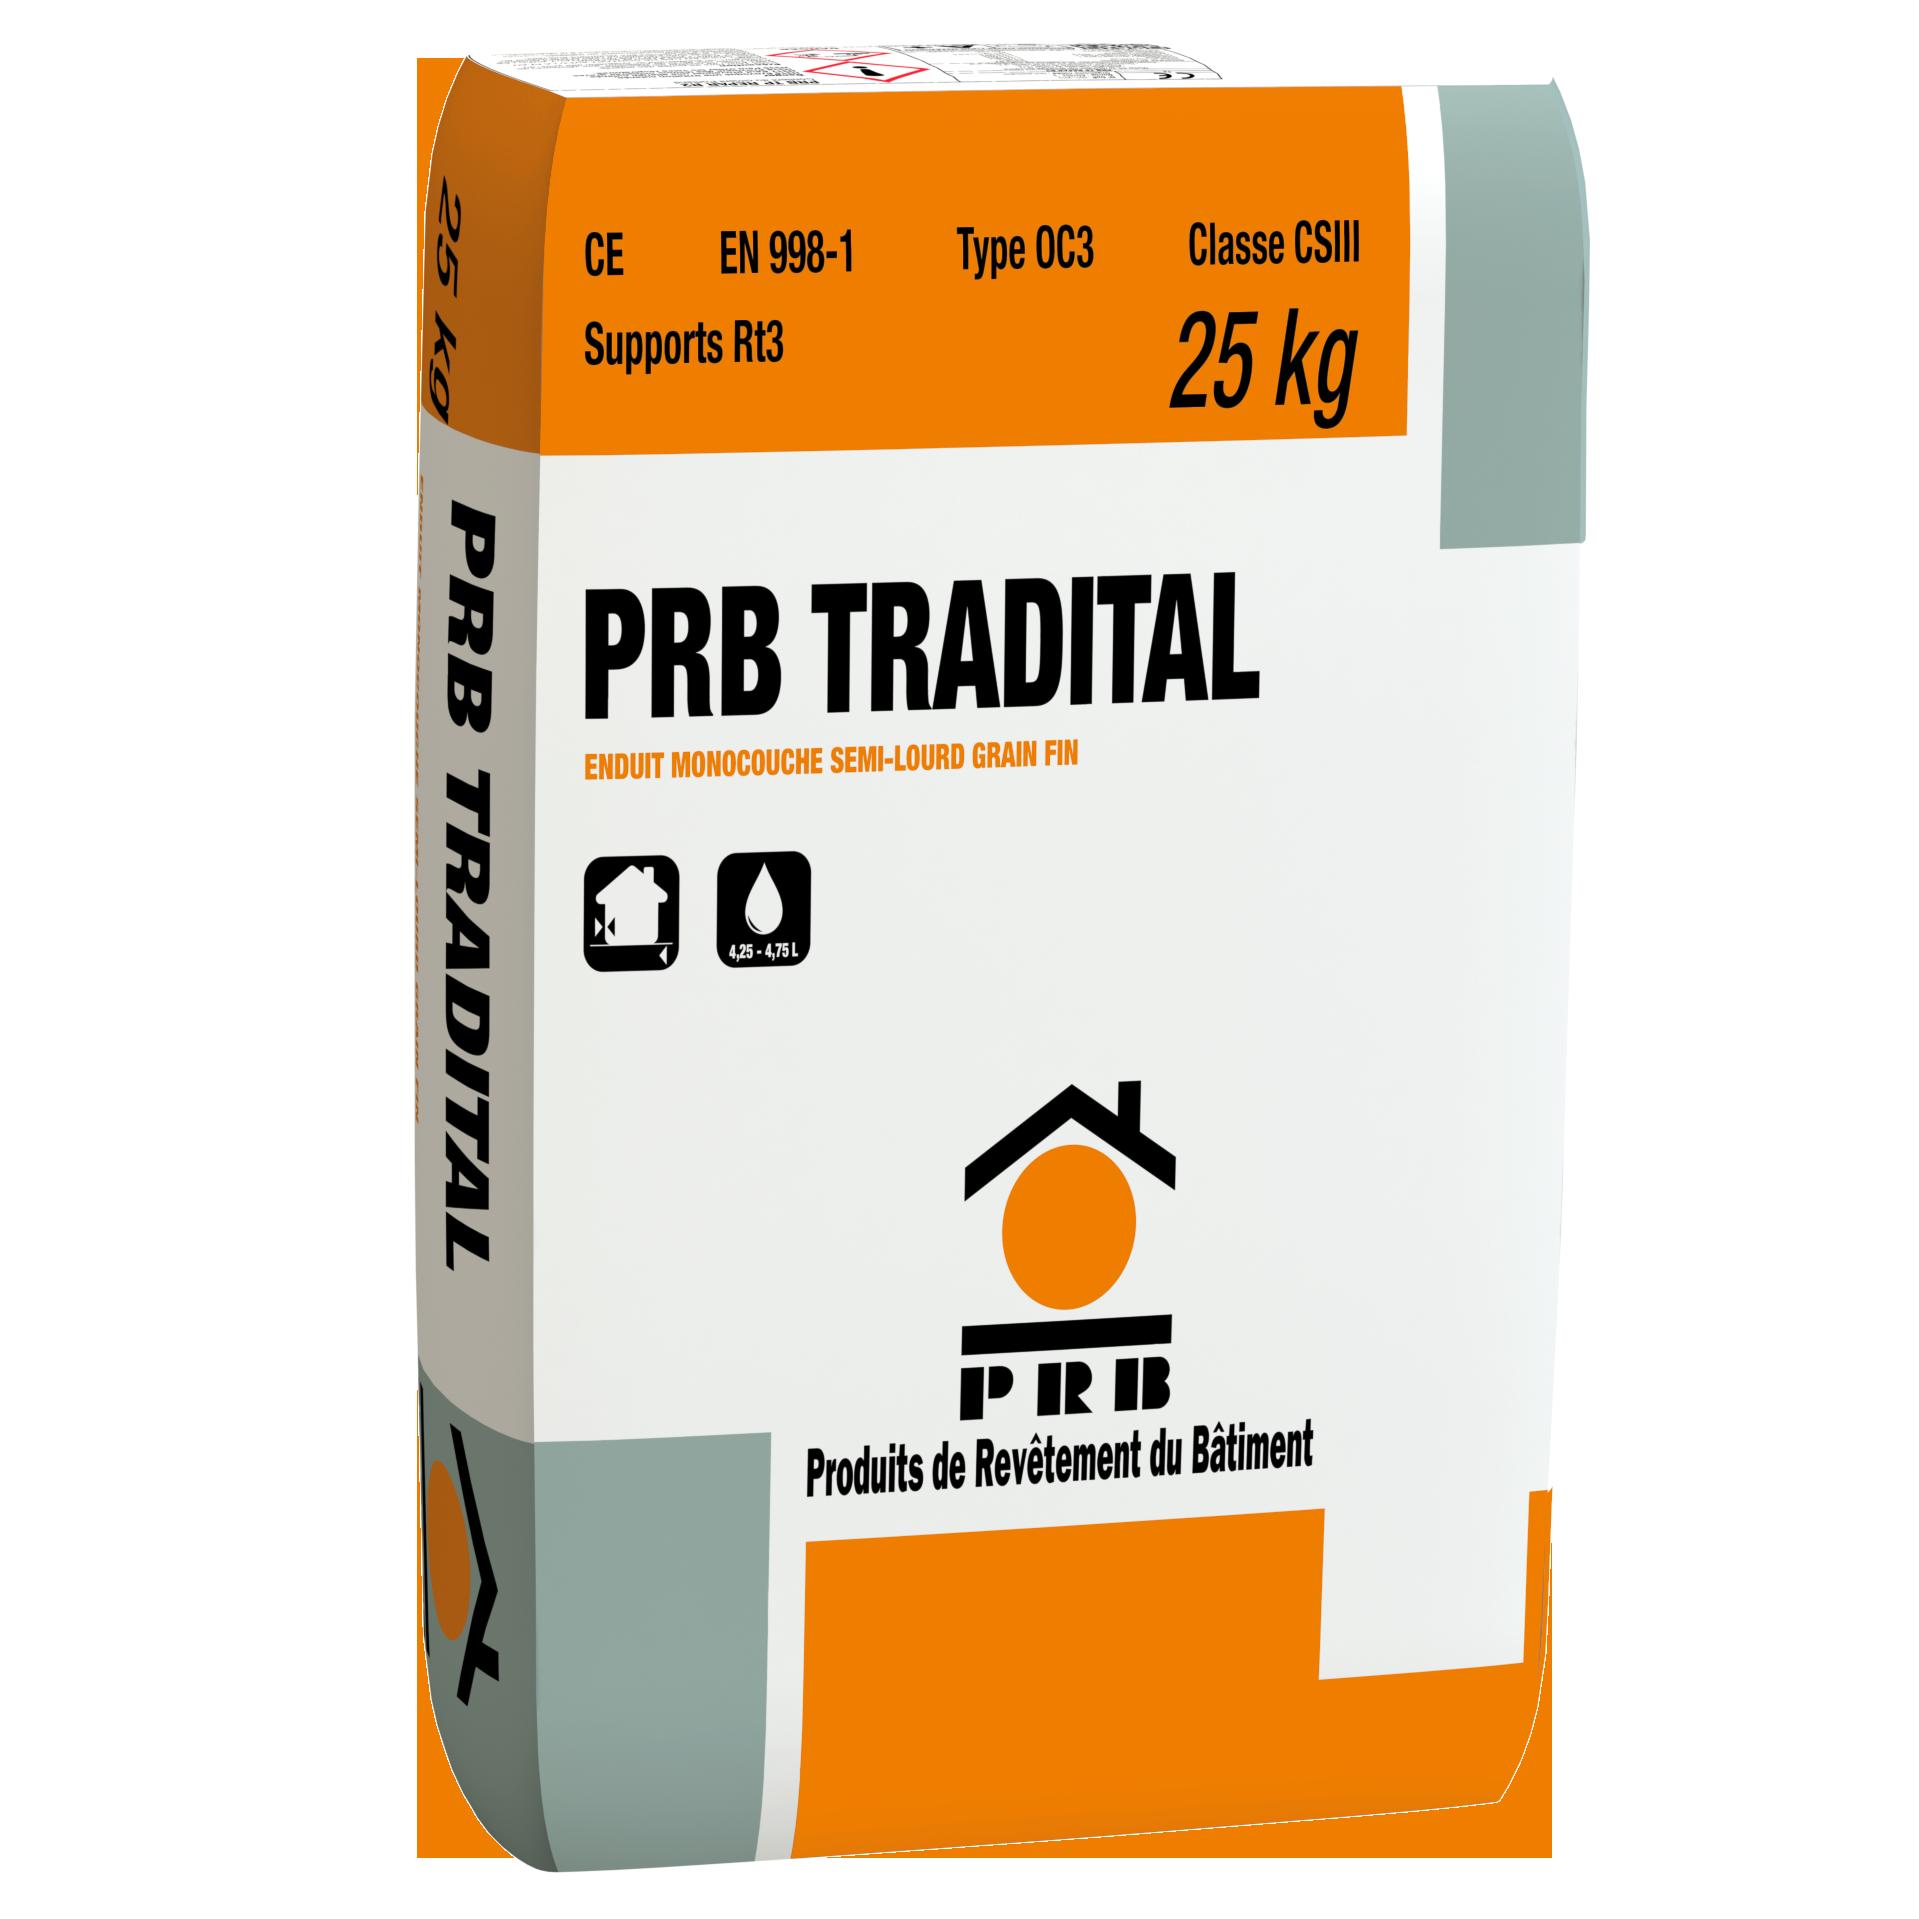 PRB TRADITAL 25 KG